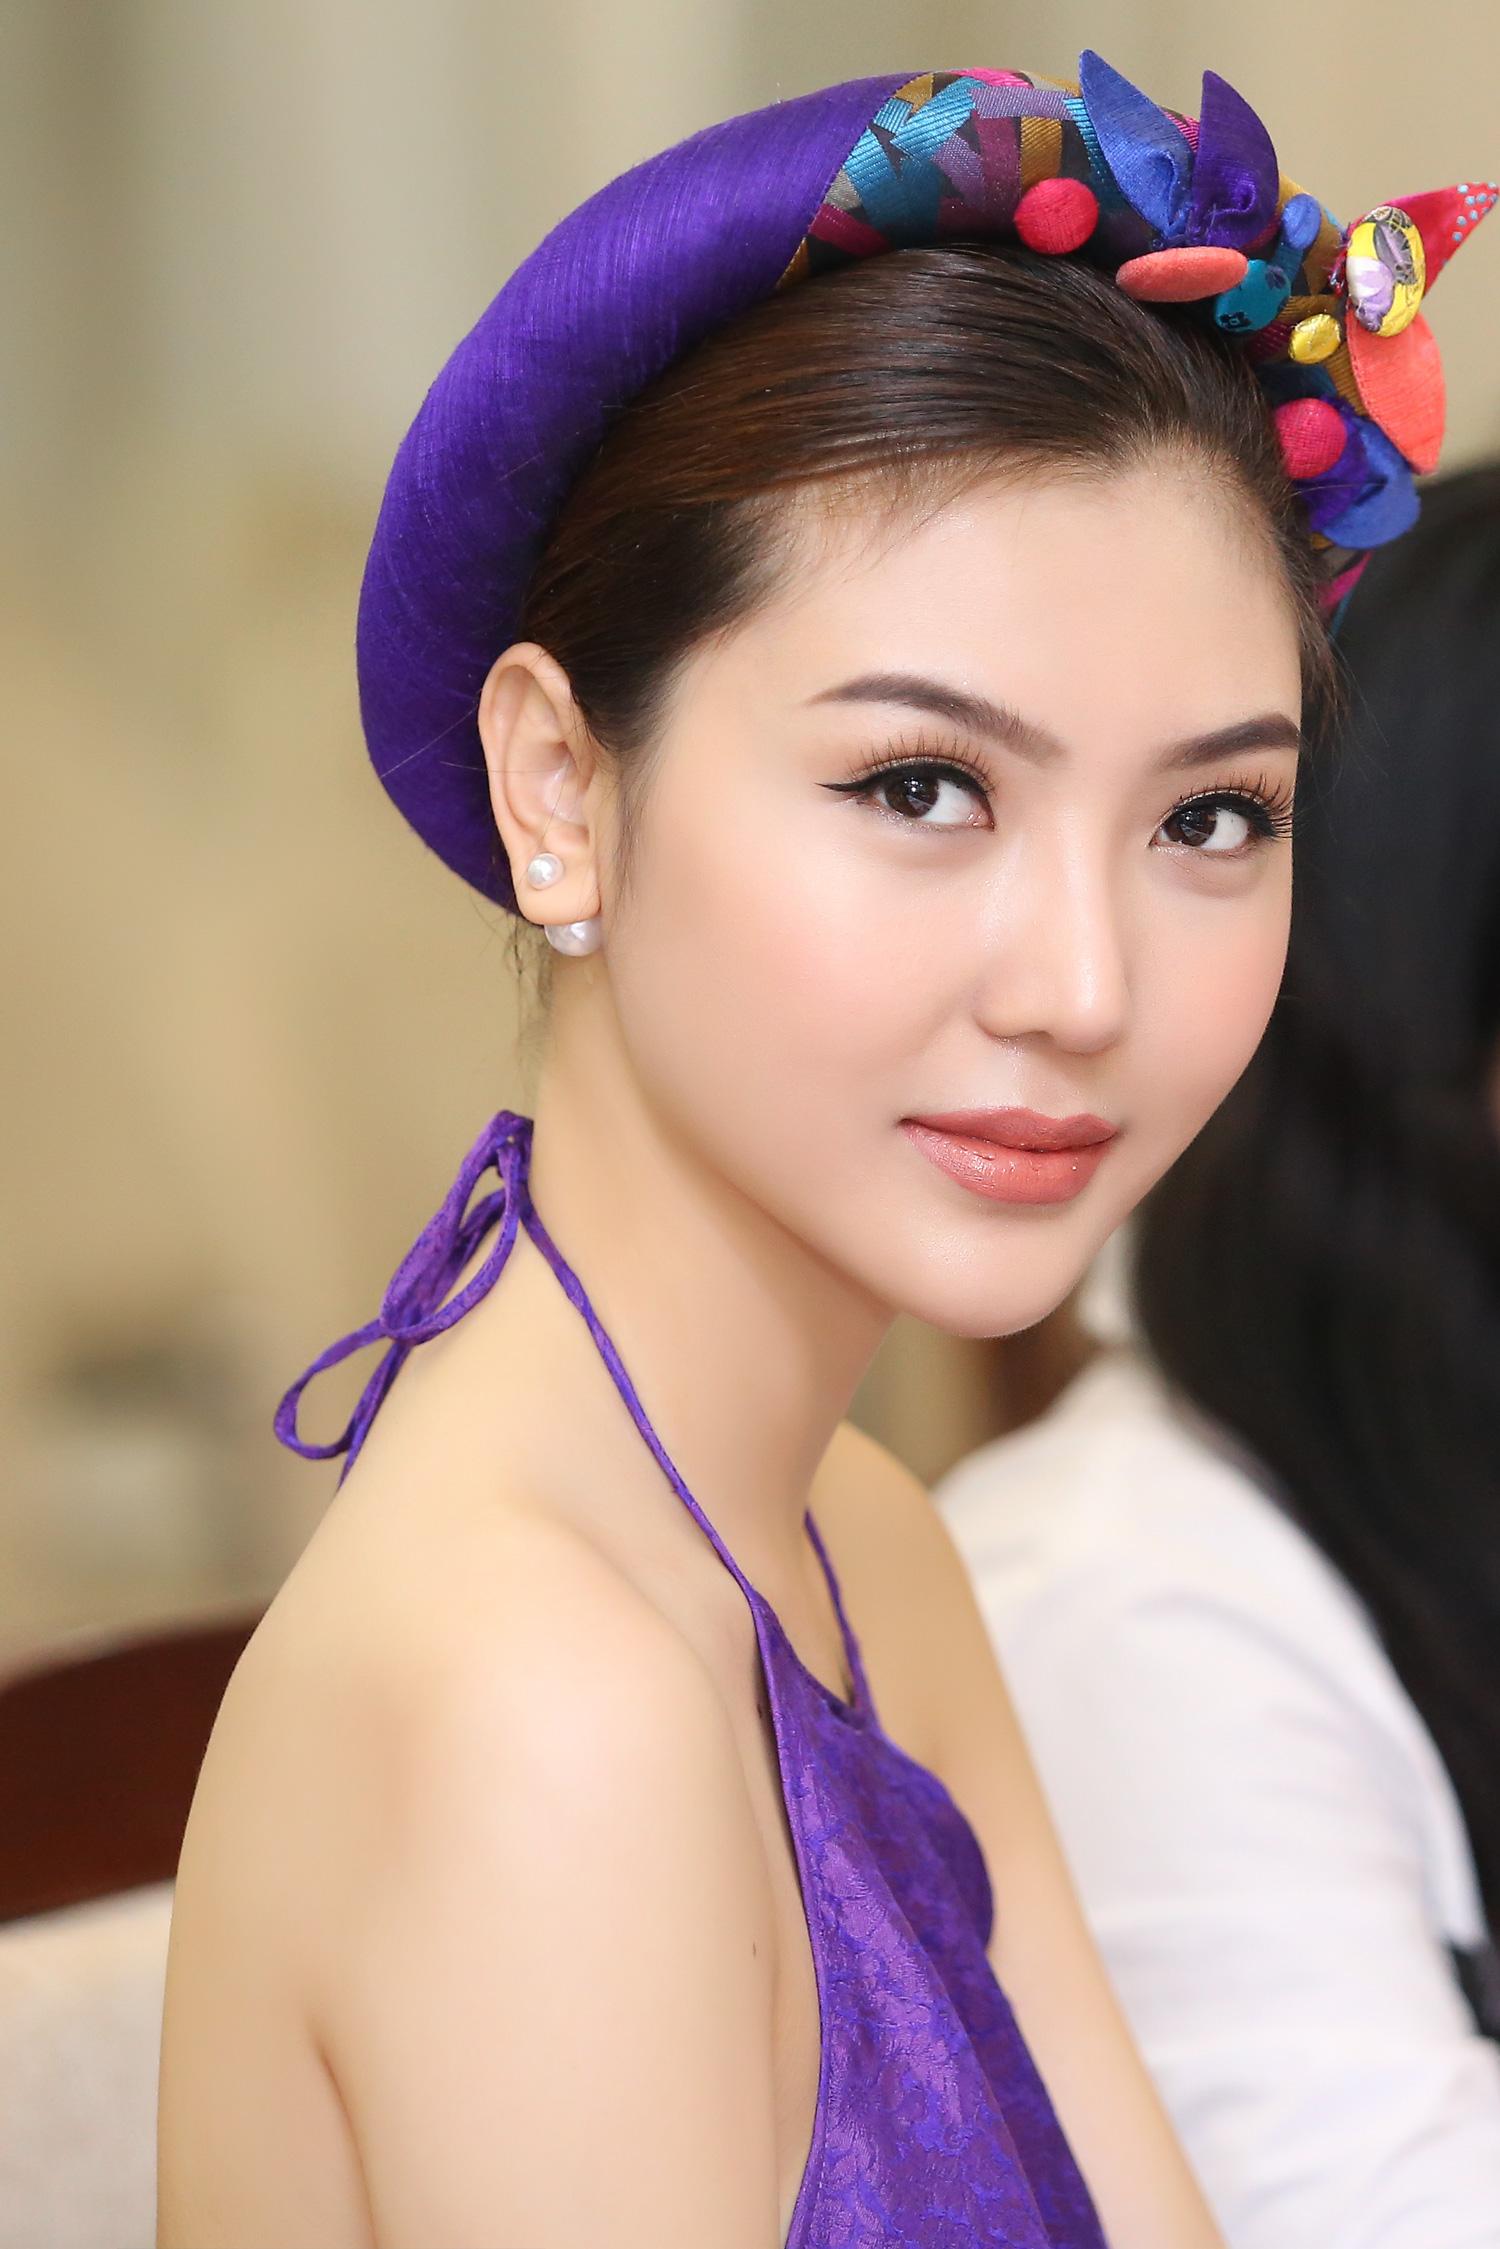 Hoa hậu Ngọc Duyên mặc áo yếm gợi cảm đọ dáng cùng dàn mẫu 4